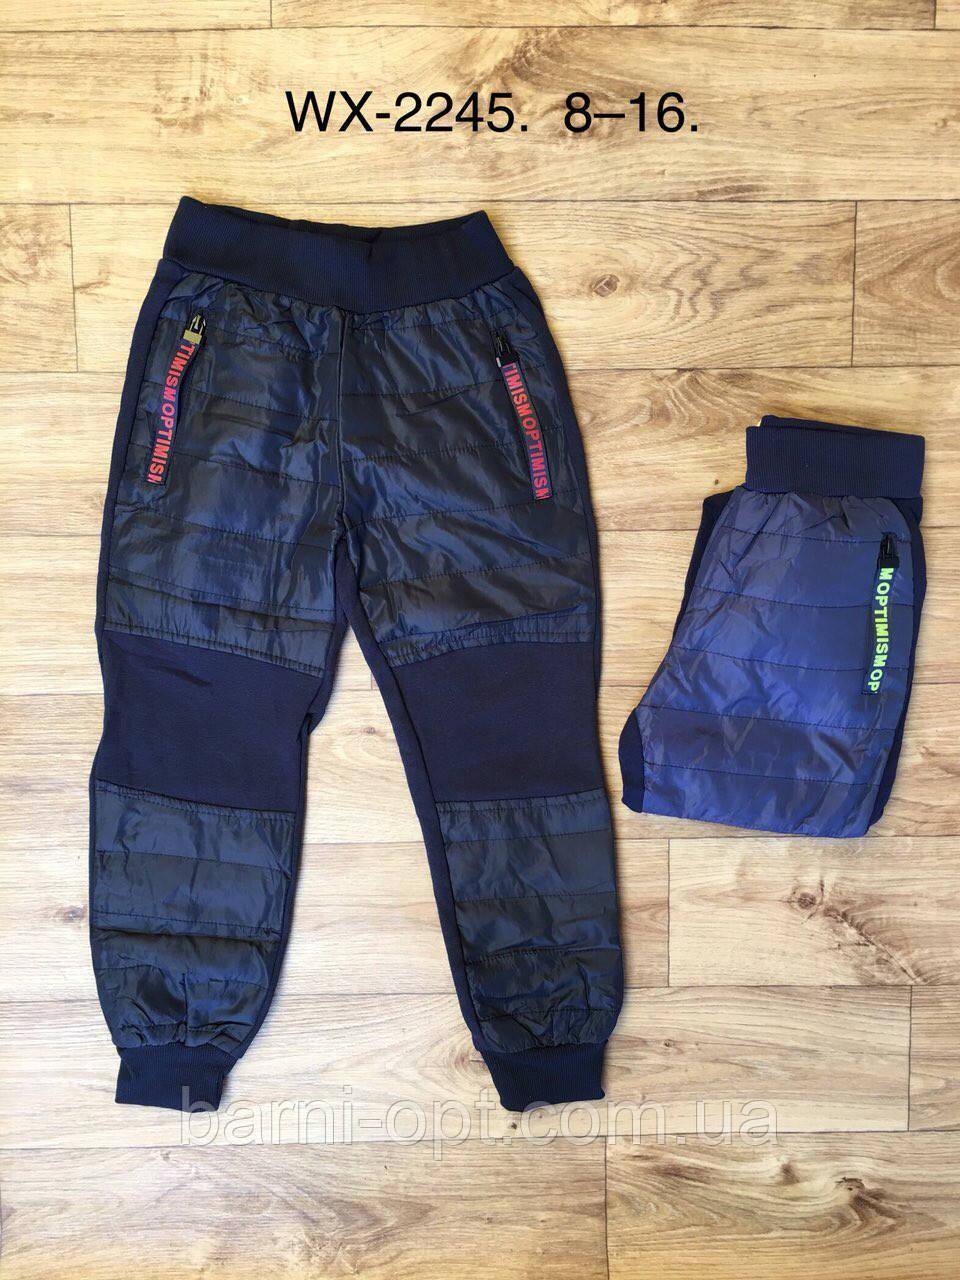 54c75e24 Спортивные штаны утепленные на мальчика оптом, F&D, 8-16 рр ...